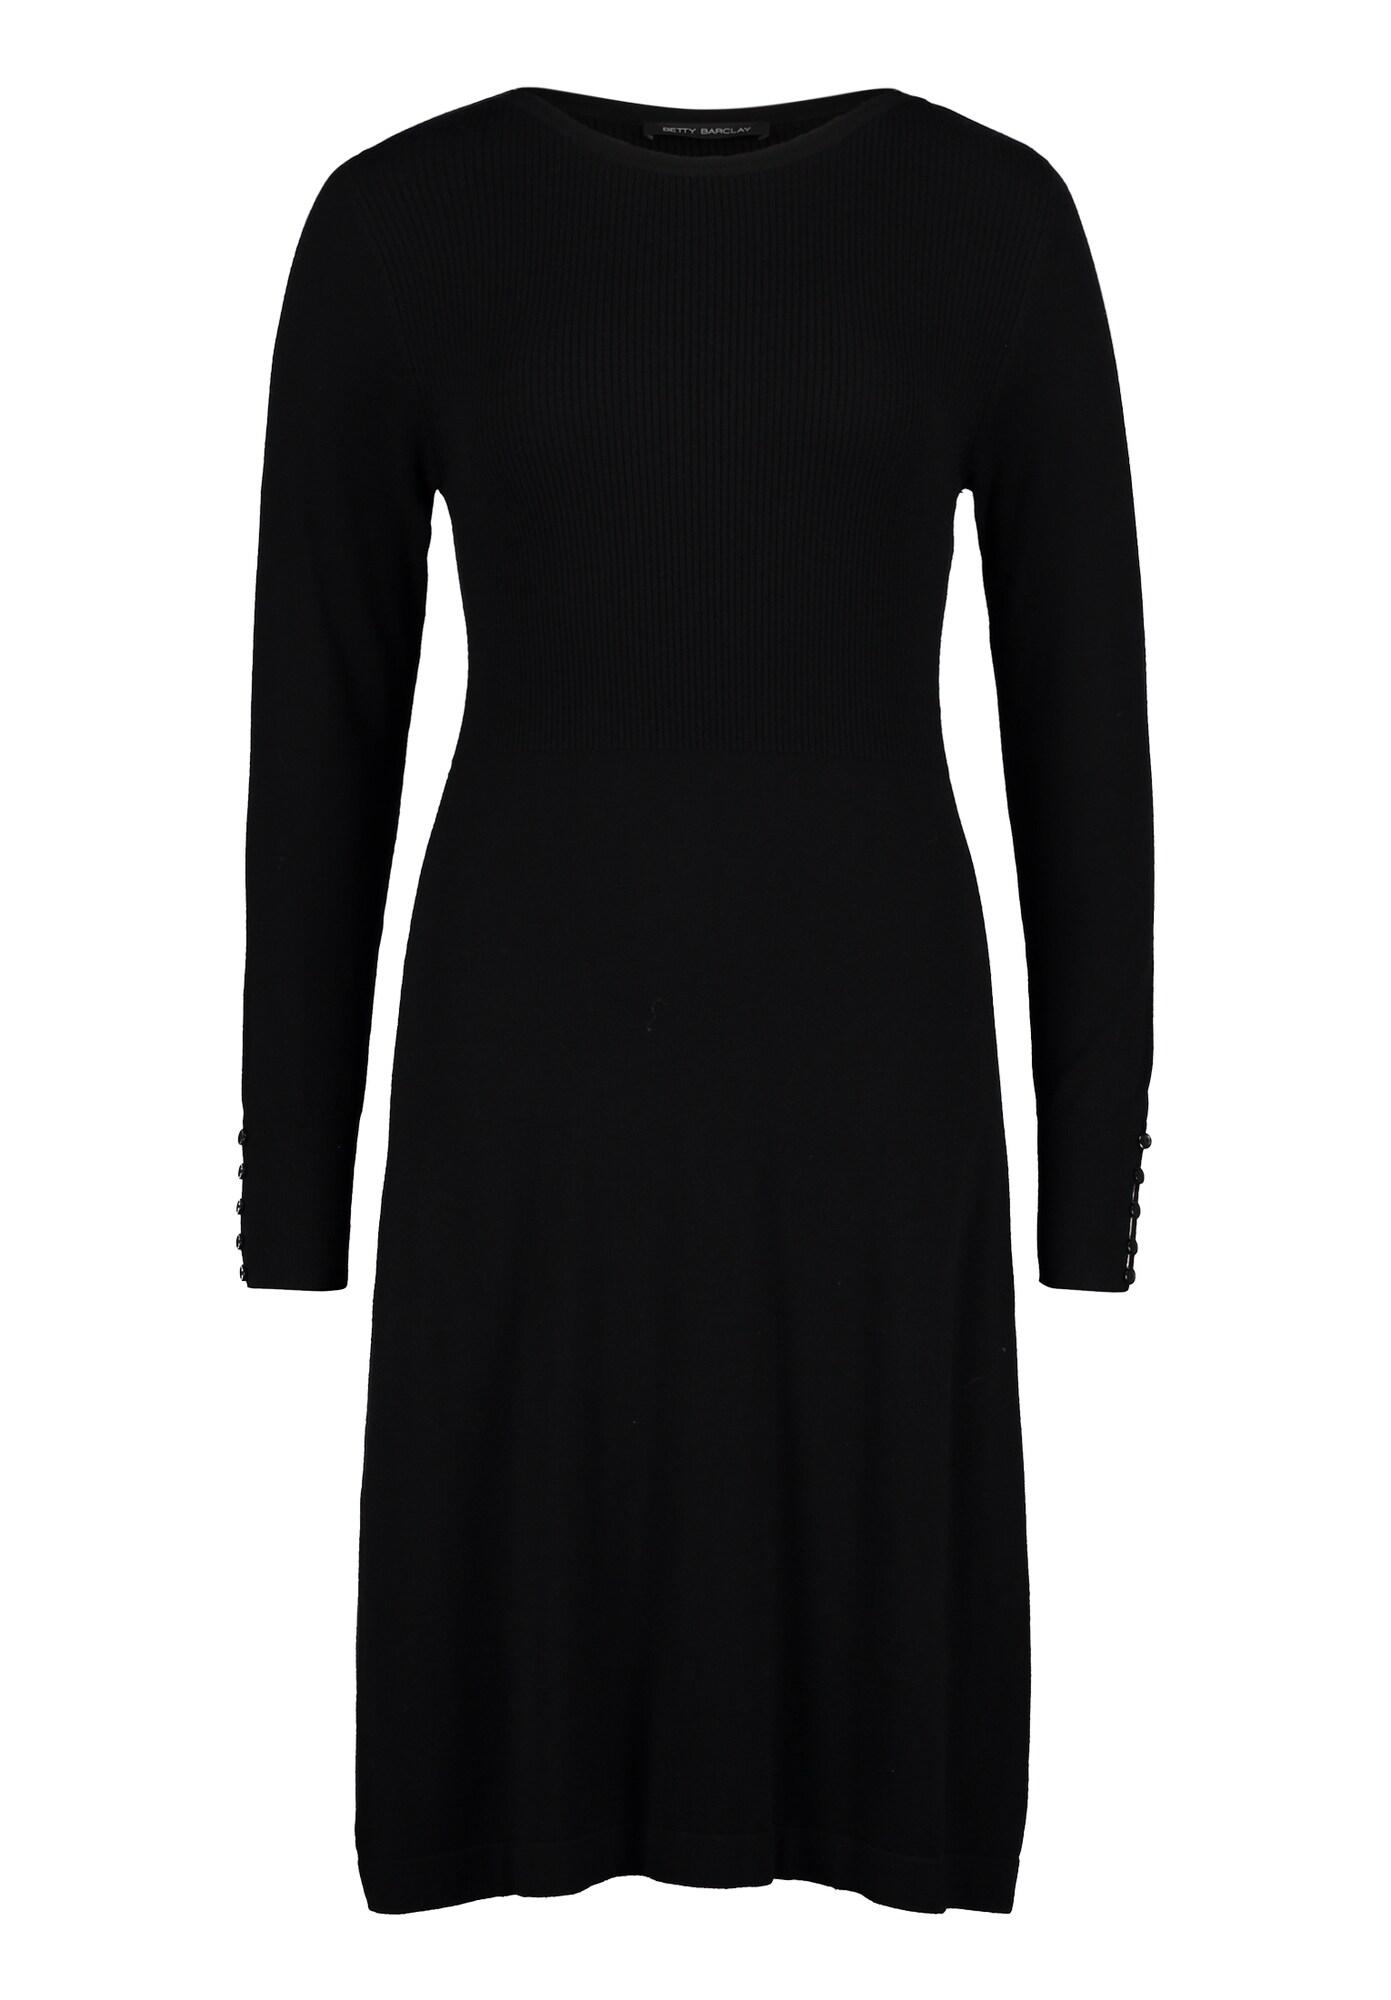 Strickkleid | Bekleidung > Kleider > Strickkleider | Betty Barclay